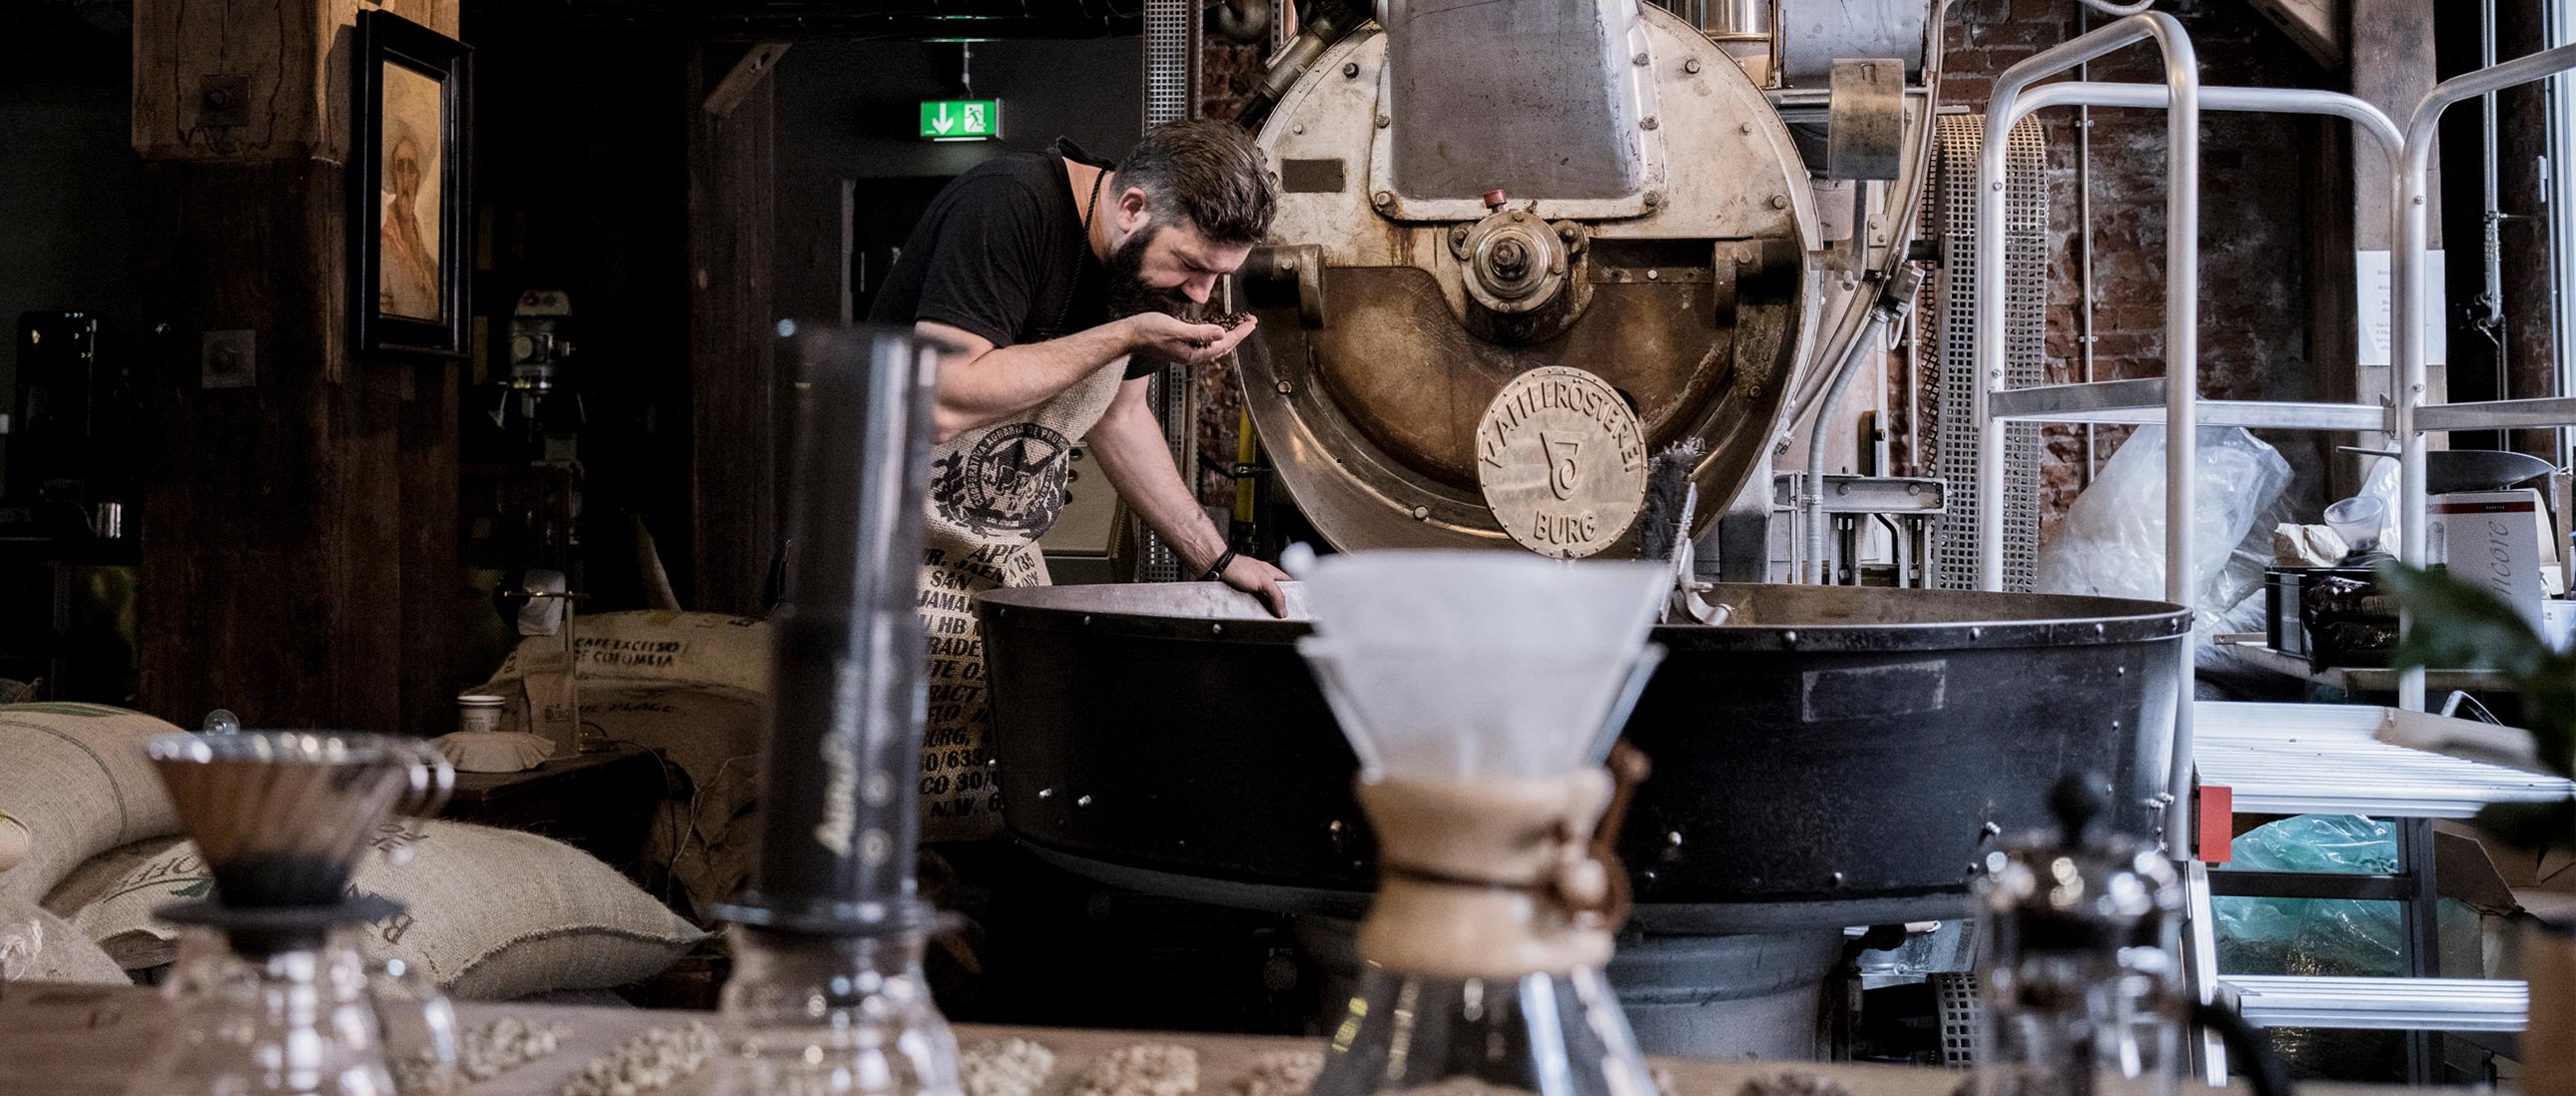 Erik Brockholz am Kaffee riechen